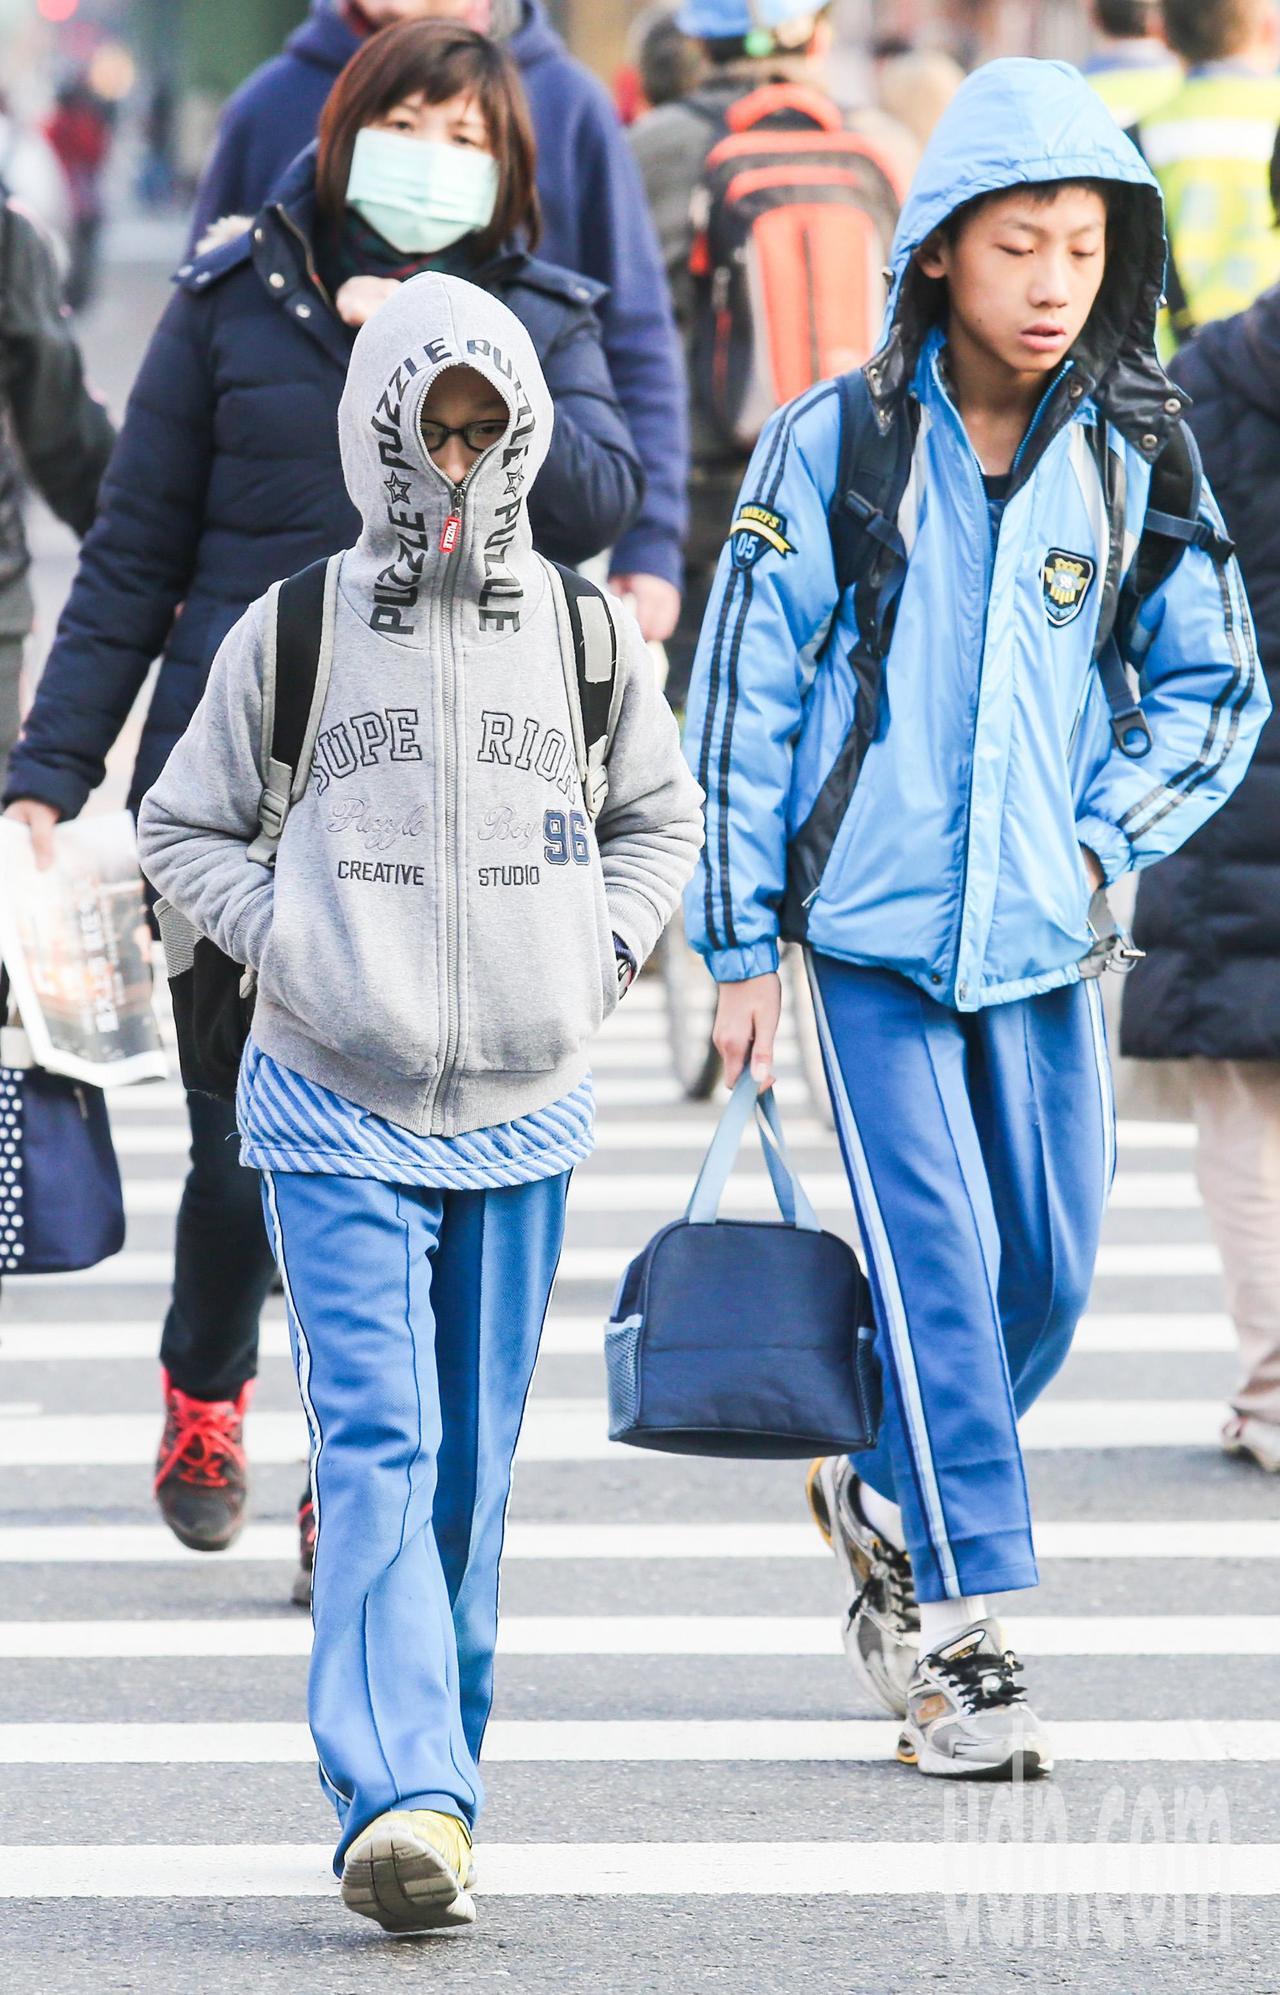 中央氣象局說,輻射冷卻影響,早晚天氣較涼,清晨各地低溫普遍約16至19度,白天氣...